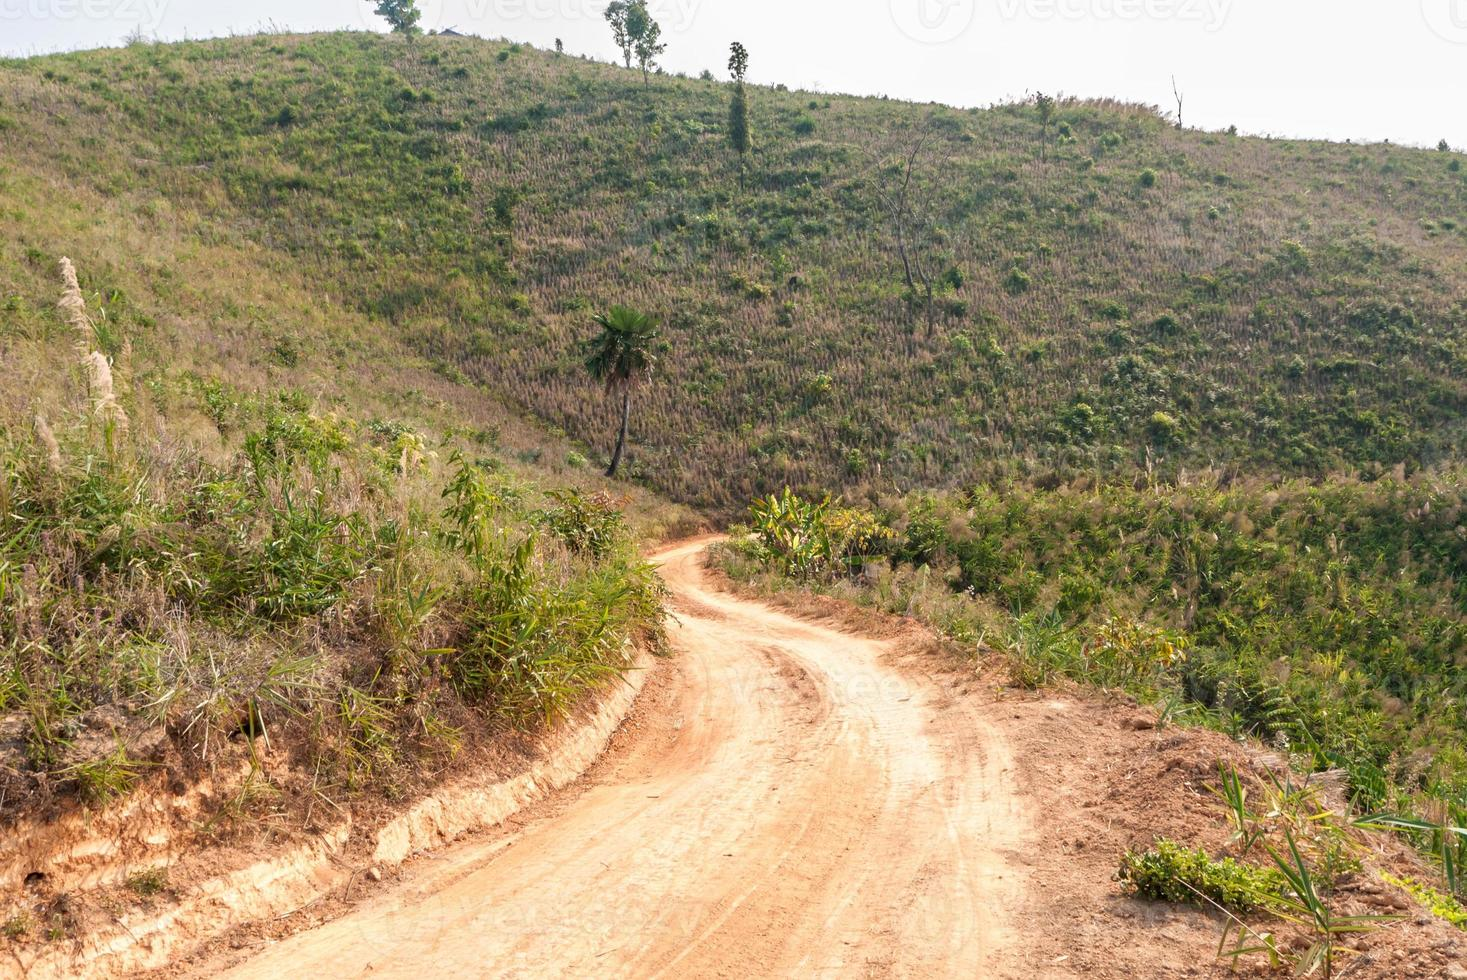 strade nelle aree rurali dei paesi in via di sviluppo foto